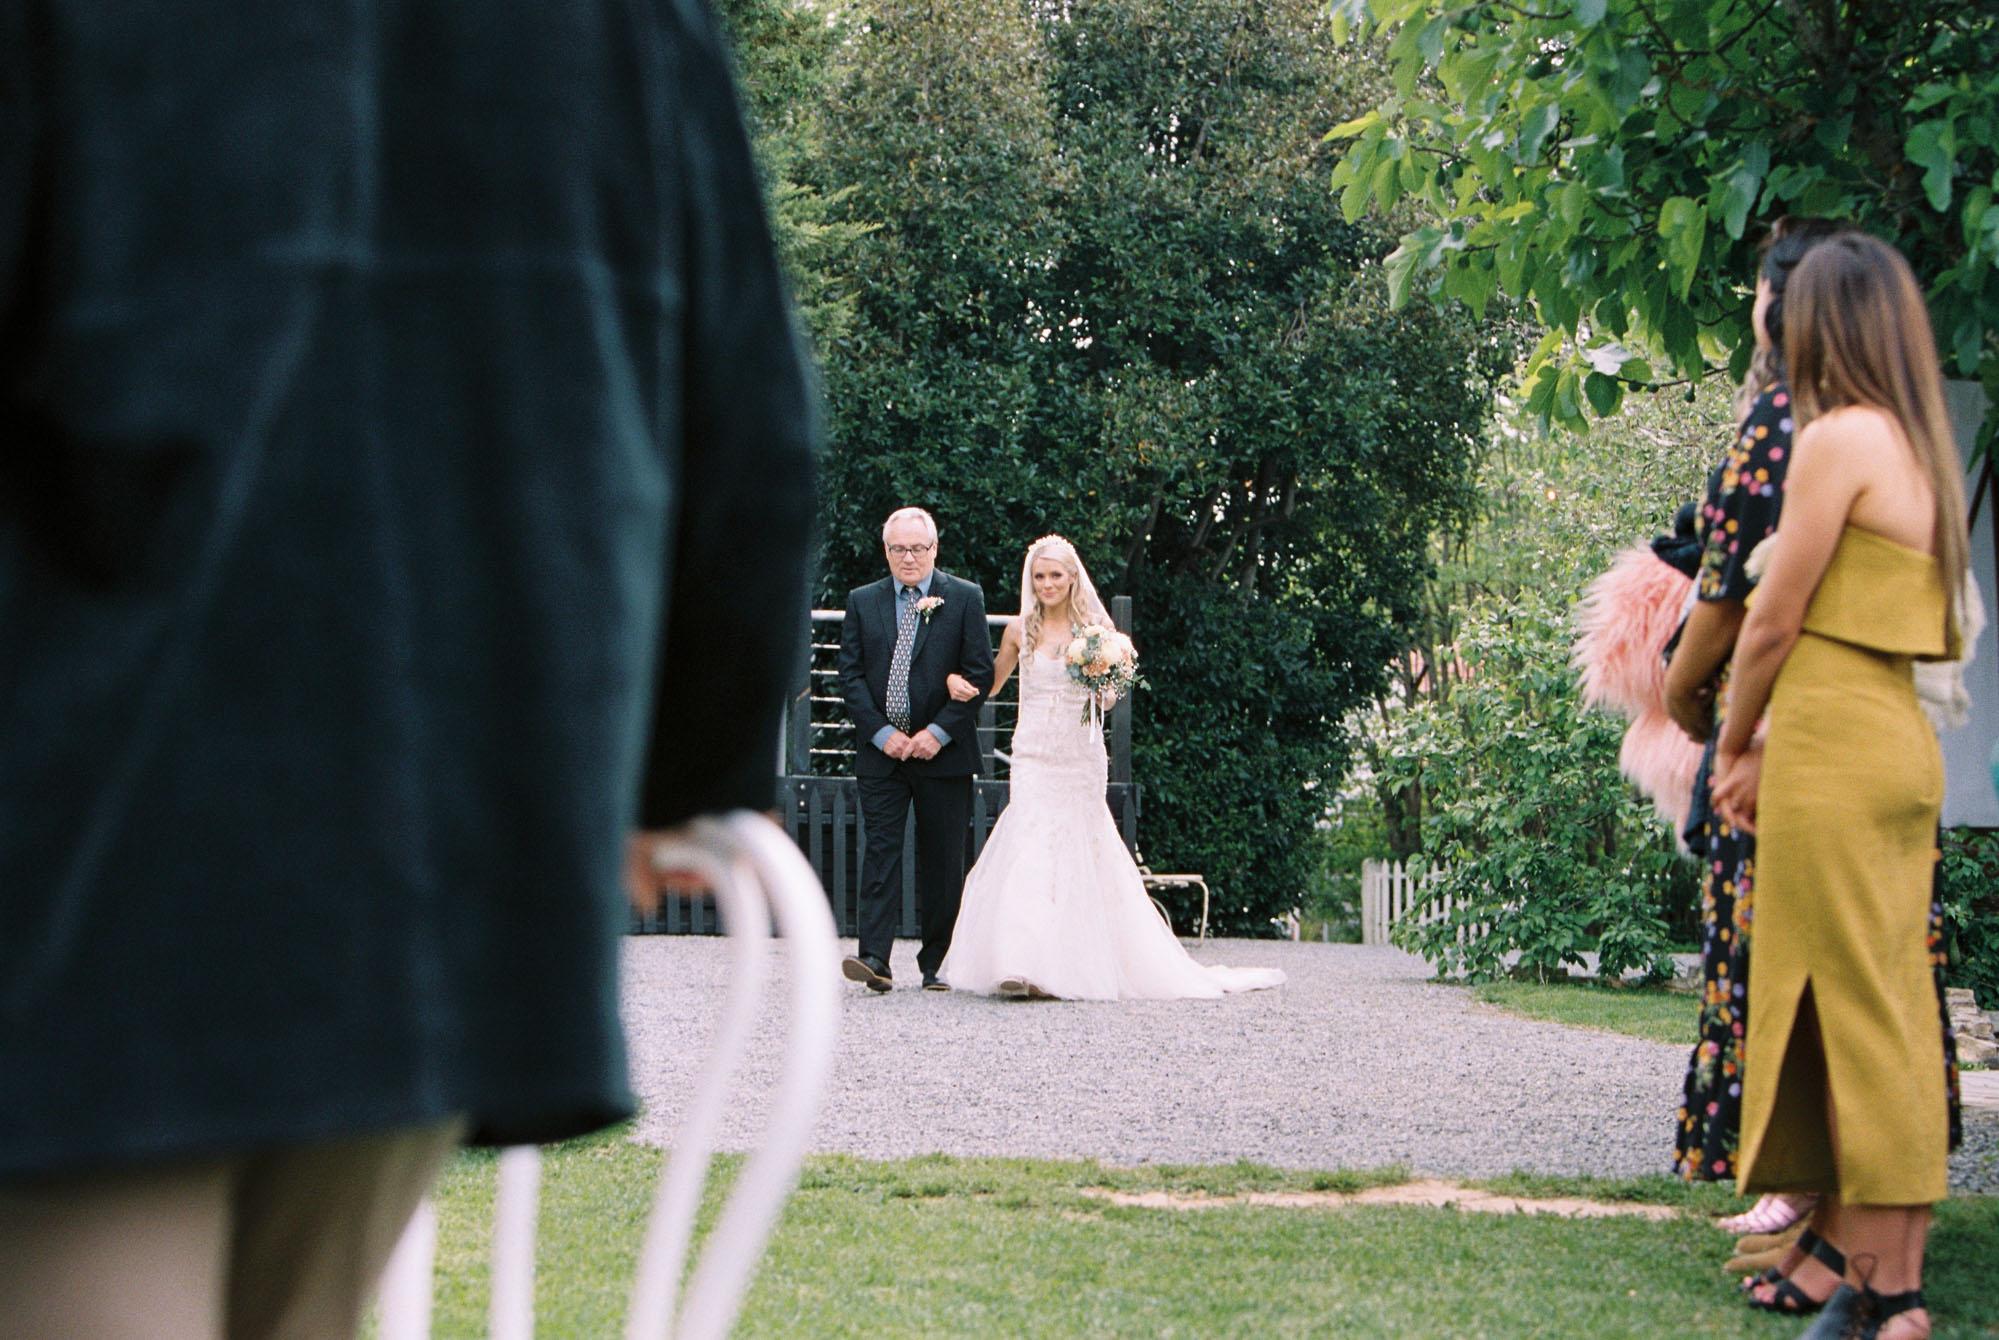 Whitehouse-hahndorf-wedding-photography-040.jpg